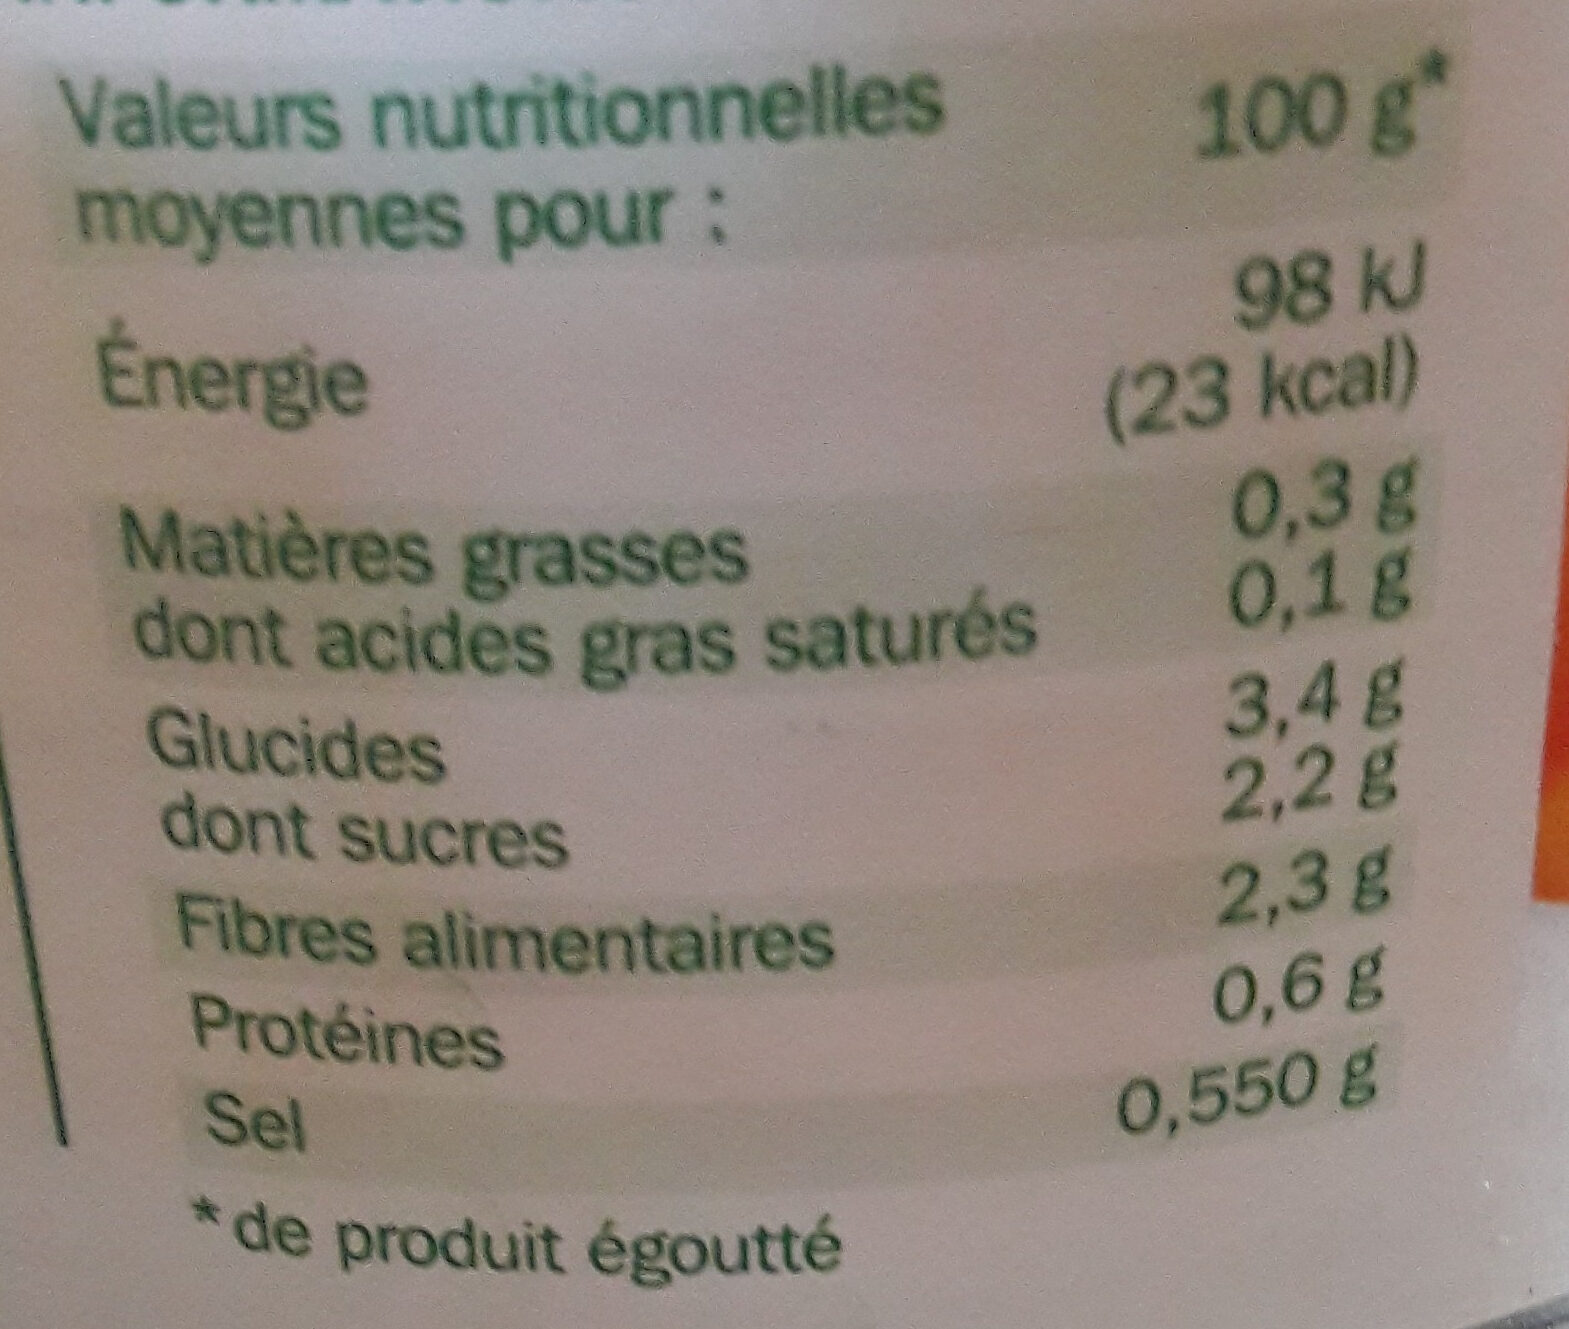 Jeunes carottes extra fines - Informations nutritionnelles - fr